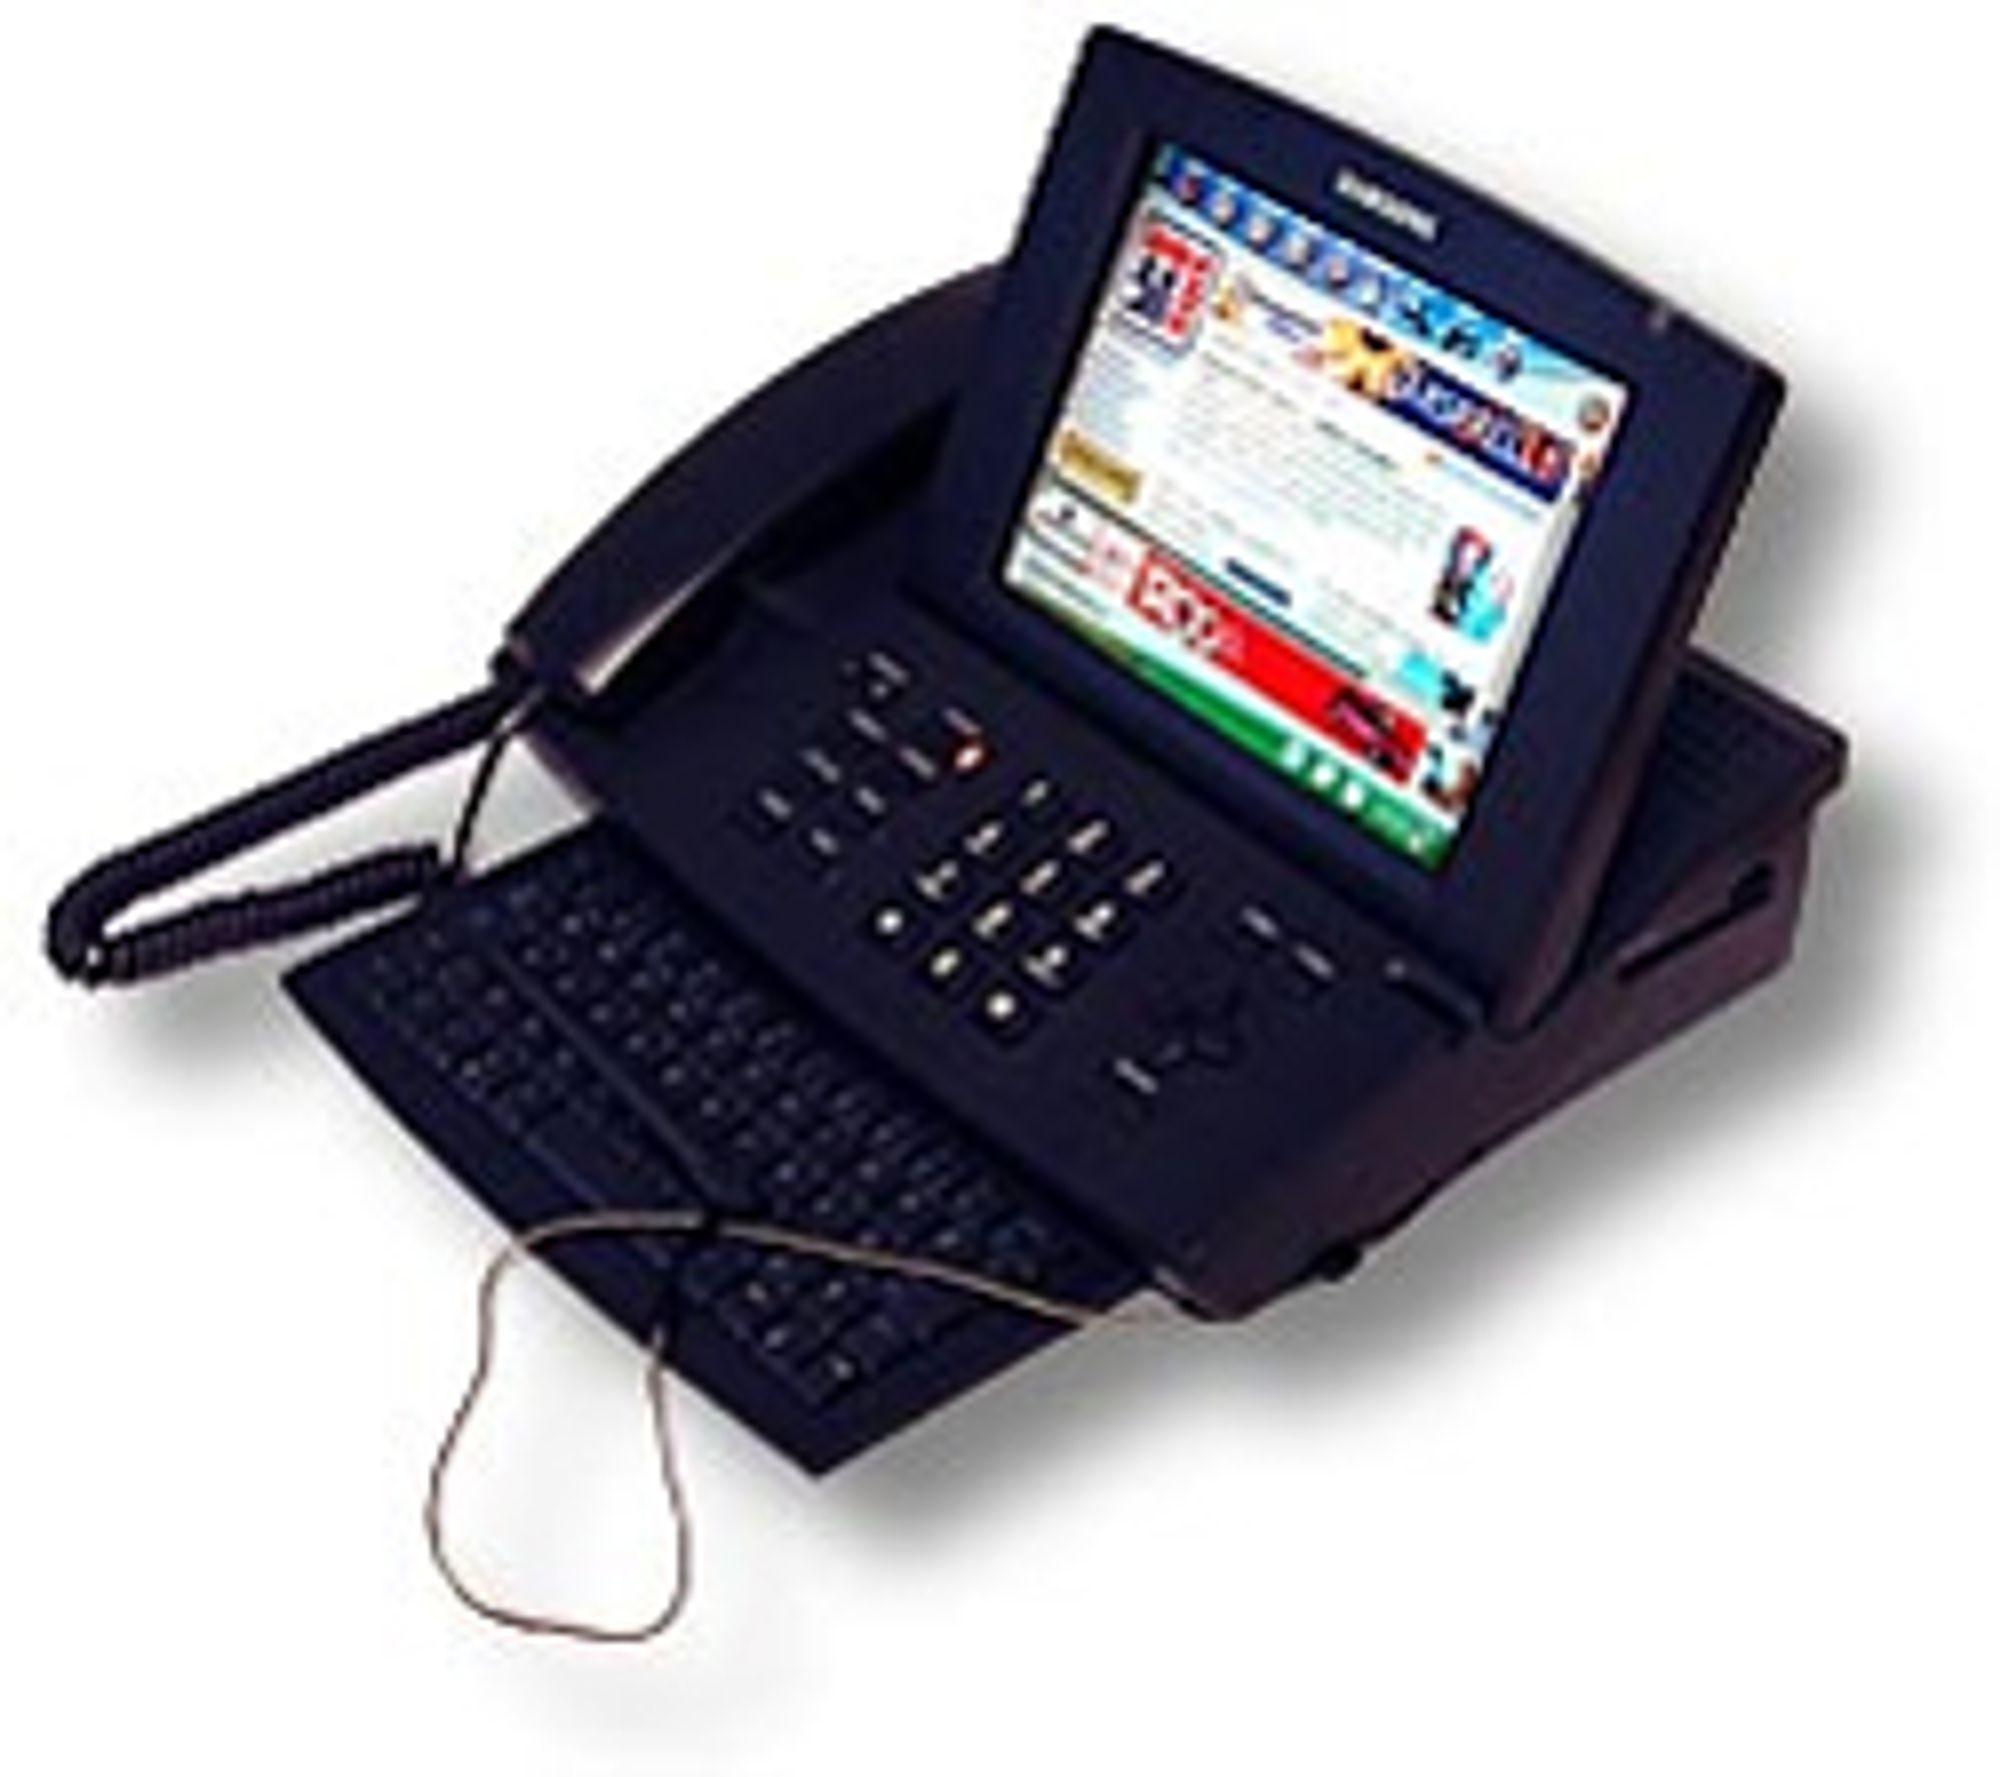 Husker du Telenors Smartphone-konsept? Det kan være på vei tilbake.